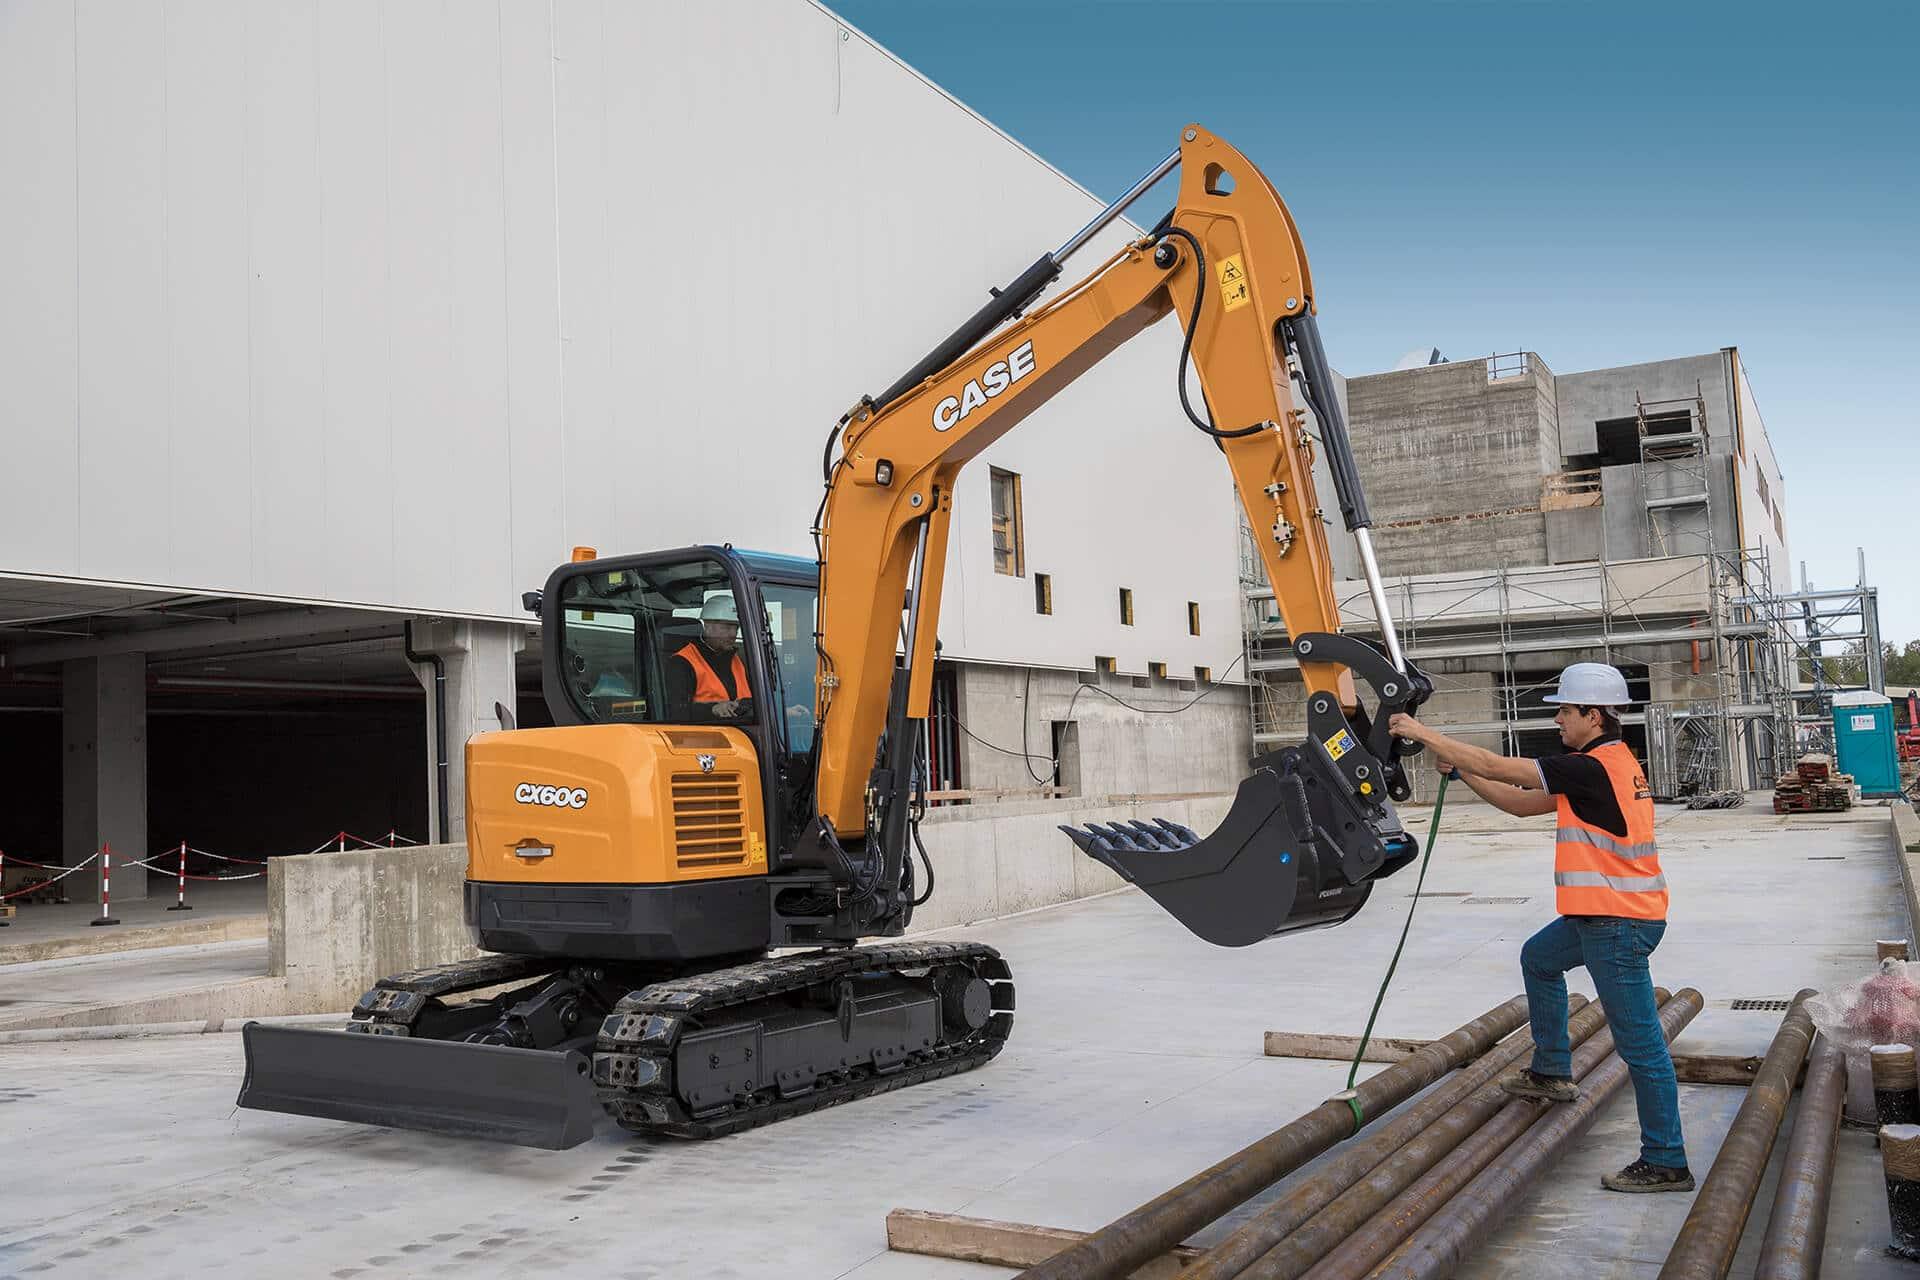 CASE CX60C Mini Excavator | CASE Construction Equipment